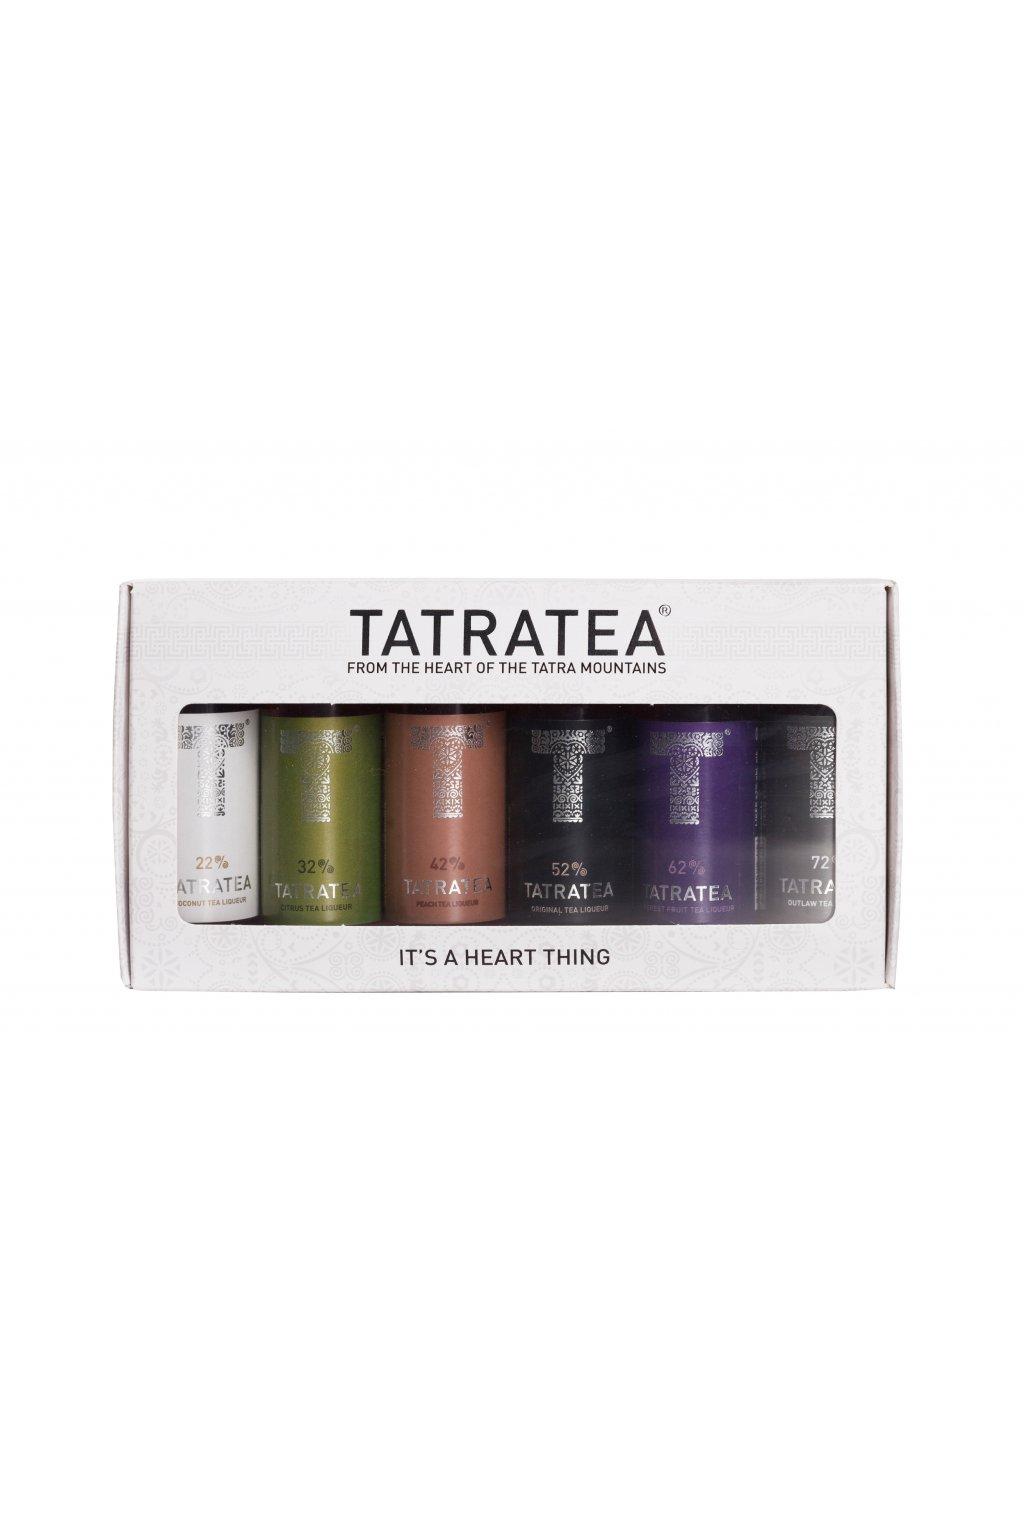 Tatratea mini set 22 72%